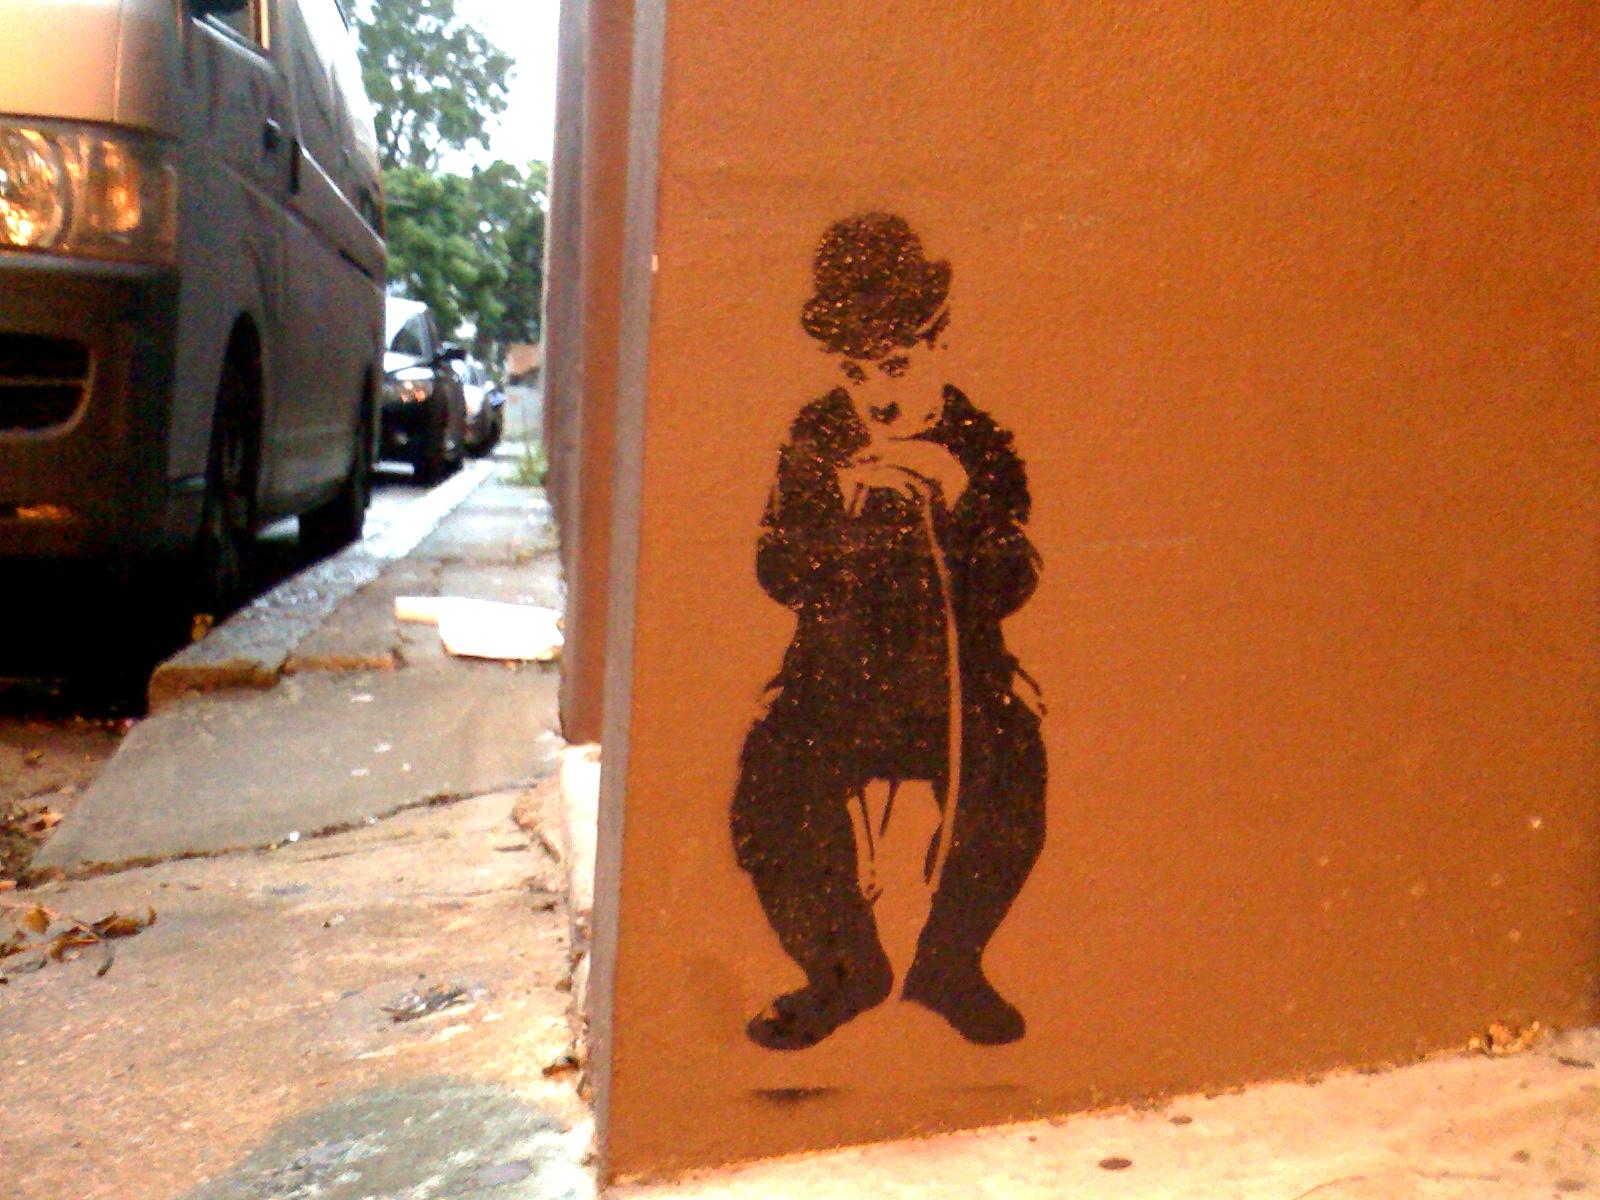 http://3.bp.blogspot.com/-jrOmsG_Le9E/TZAg3YNwiAI/AAAAAAAAA_A/zHY690Lp9UY/s1600/charlie-chaplin-sydney.jpg